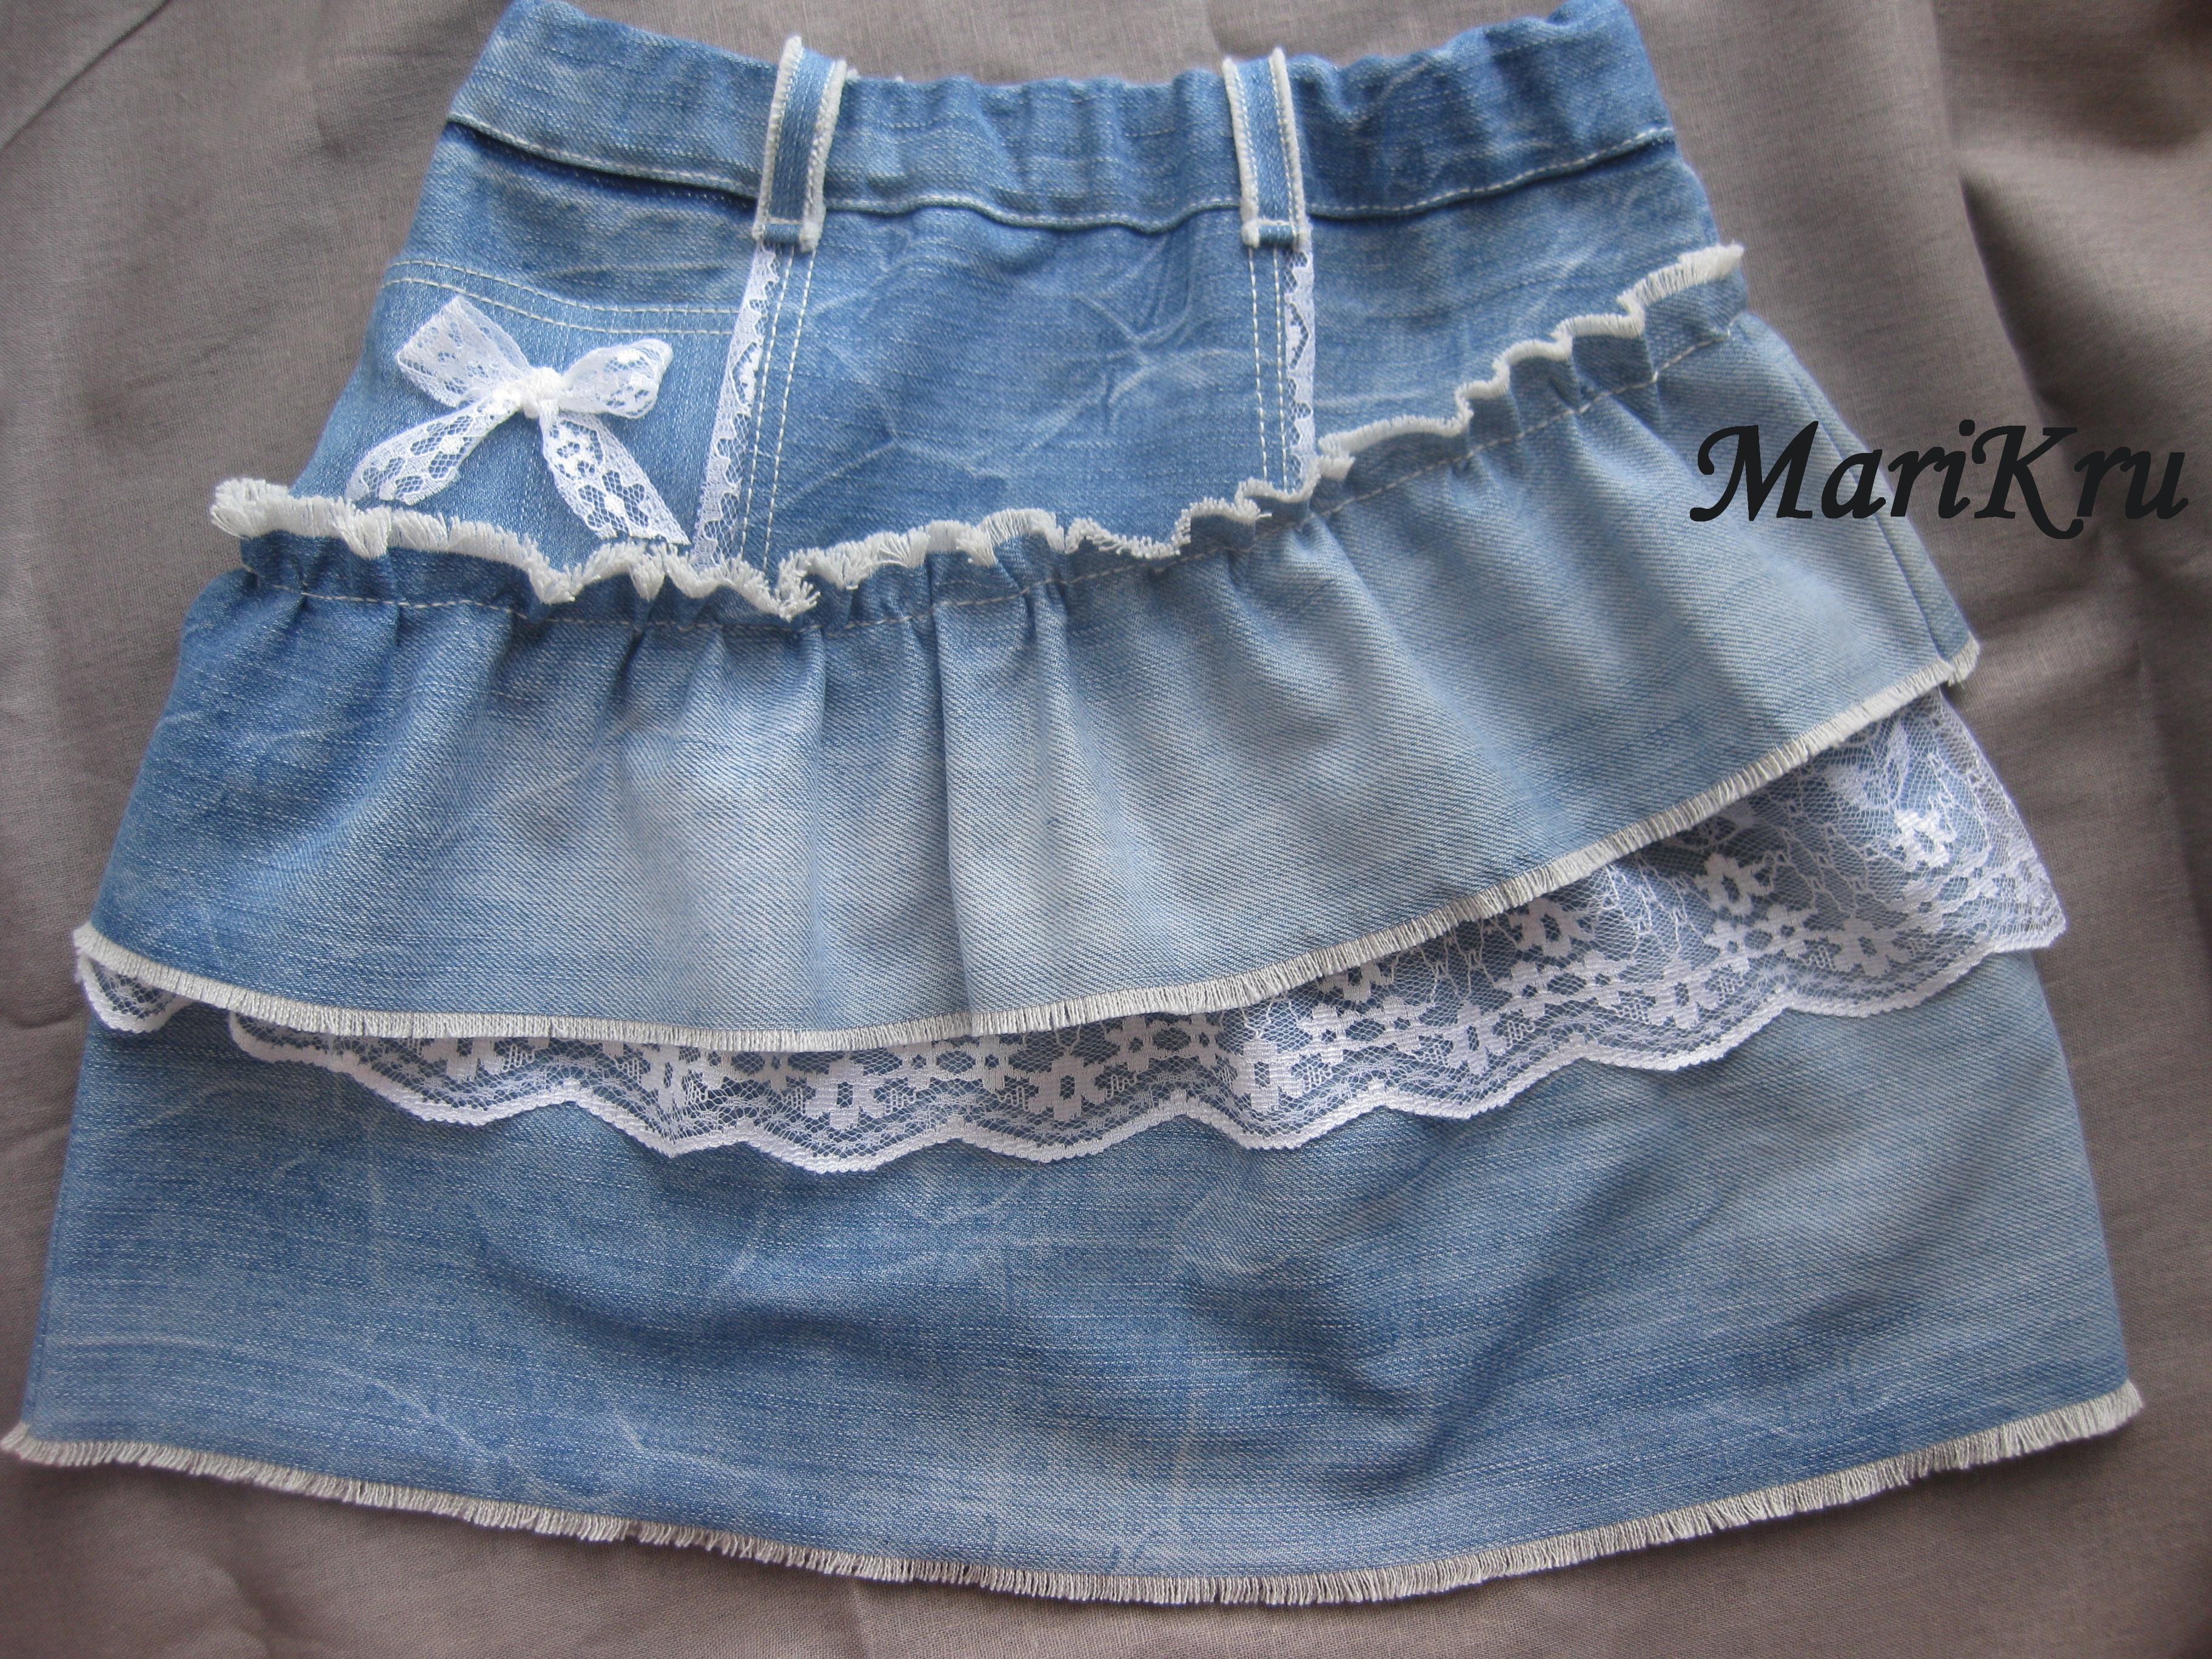 Как сшить джинсовую юбку для девочки из старых джинсов 61